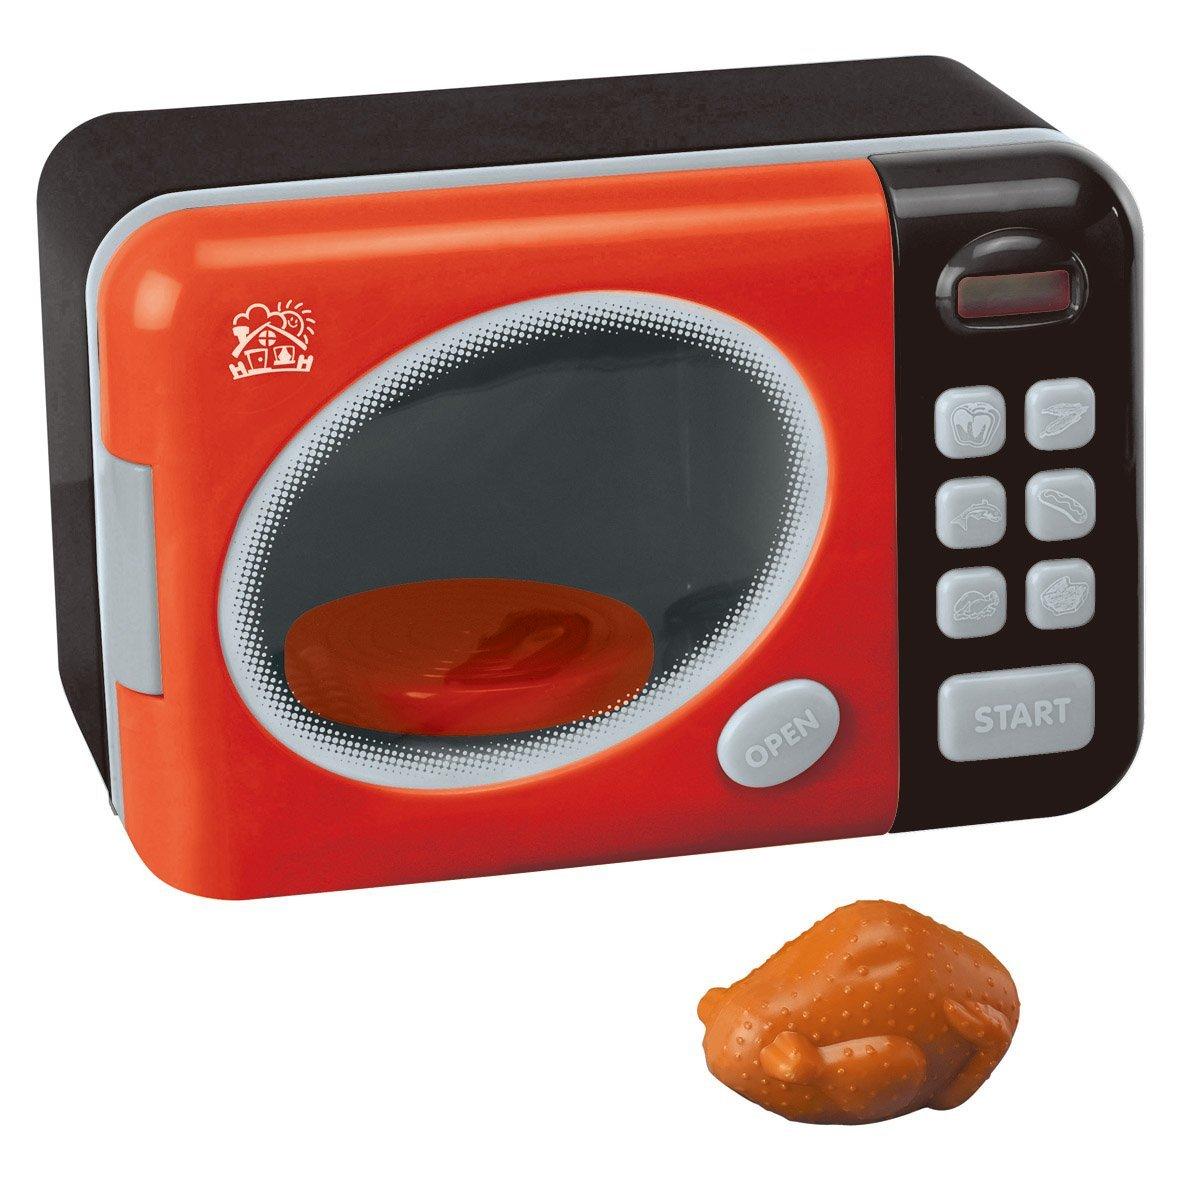 Микроволновая игрушечная печь - ДелюксАксессуары и техника для детской кухни<br>Микроволновая игрушечная печь - Делюкс<br>